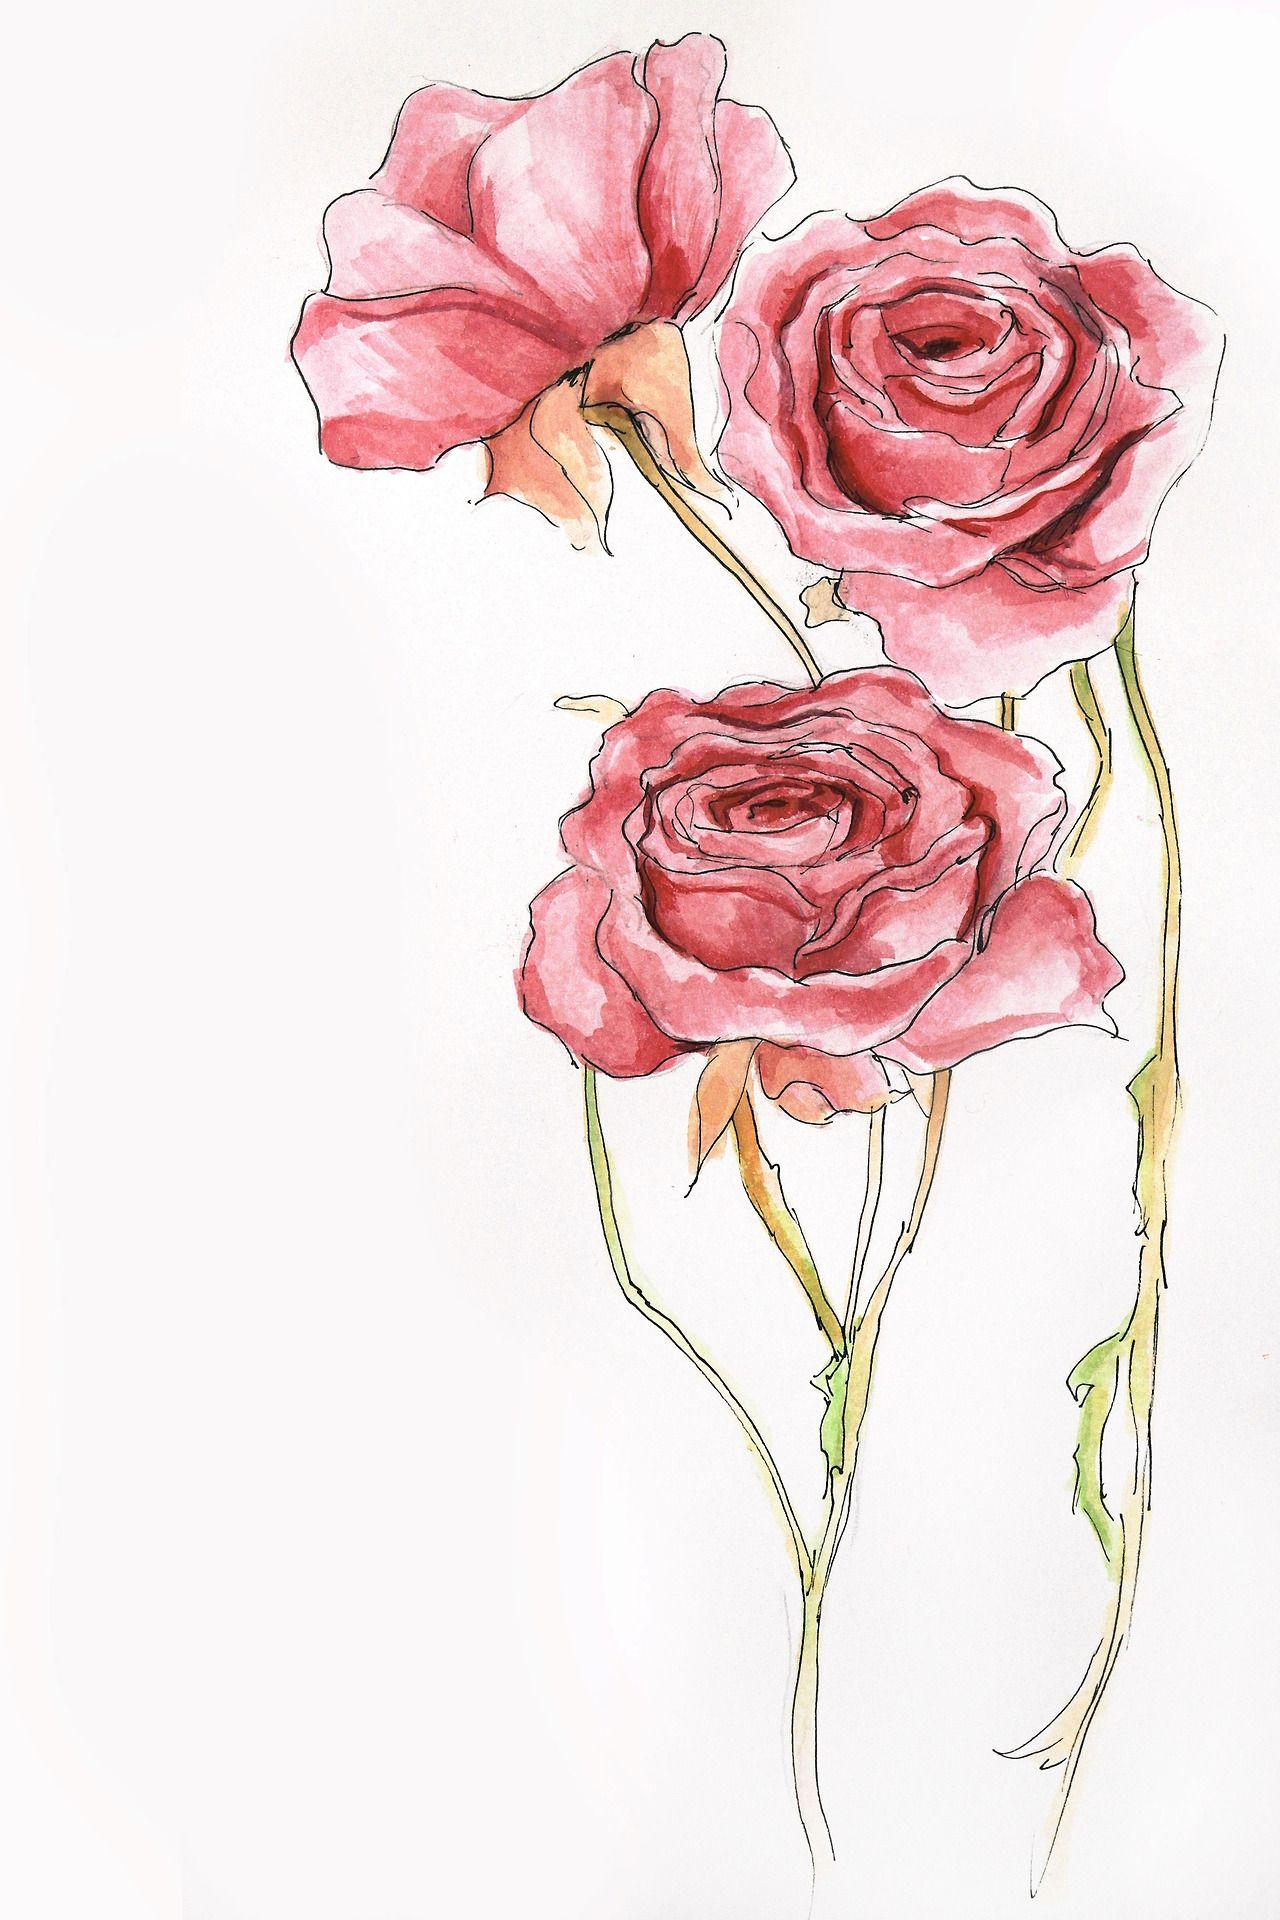 Watercolor Rose Painting Tumblr Disegni Di Rose Disegno Fiori